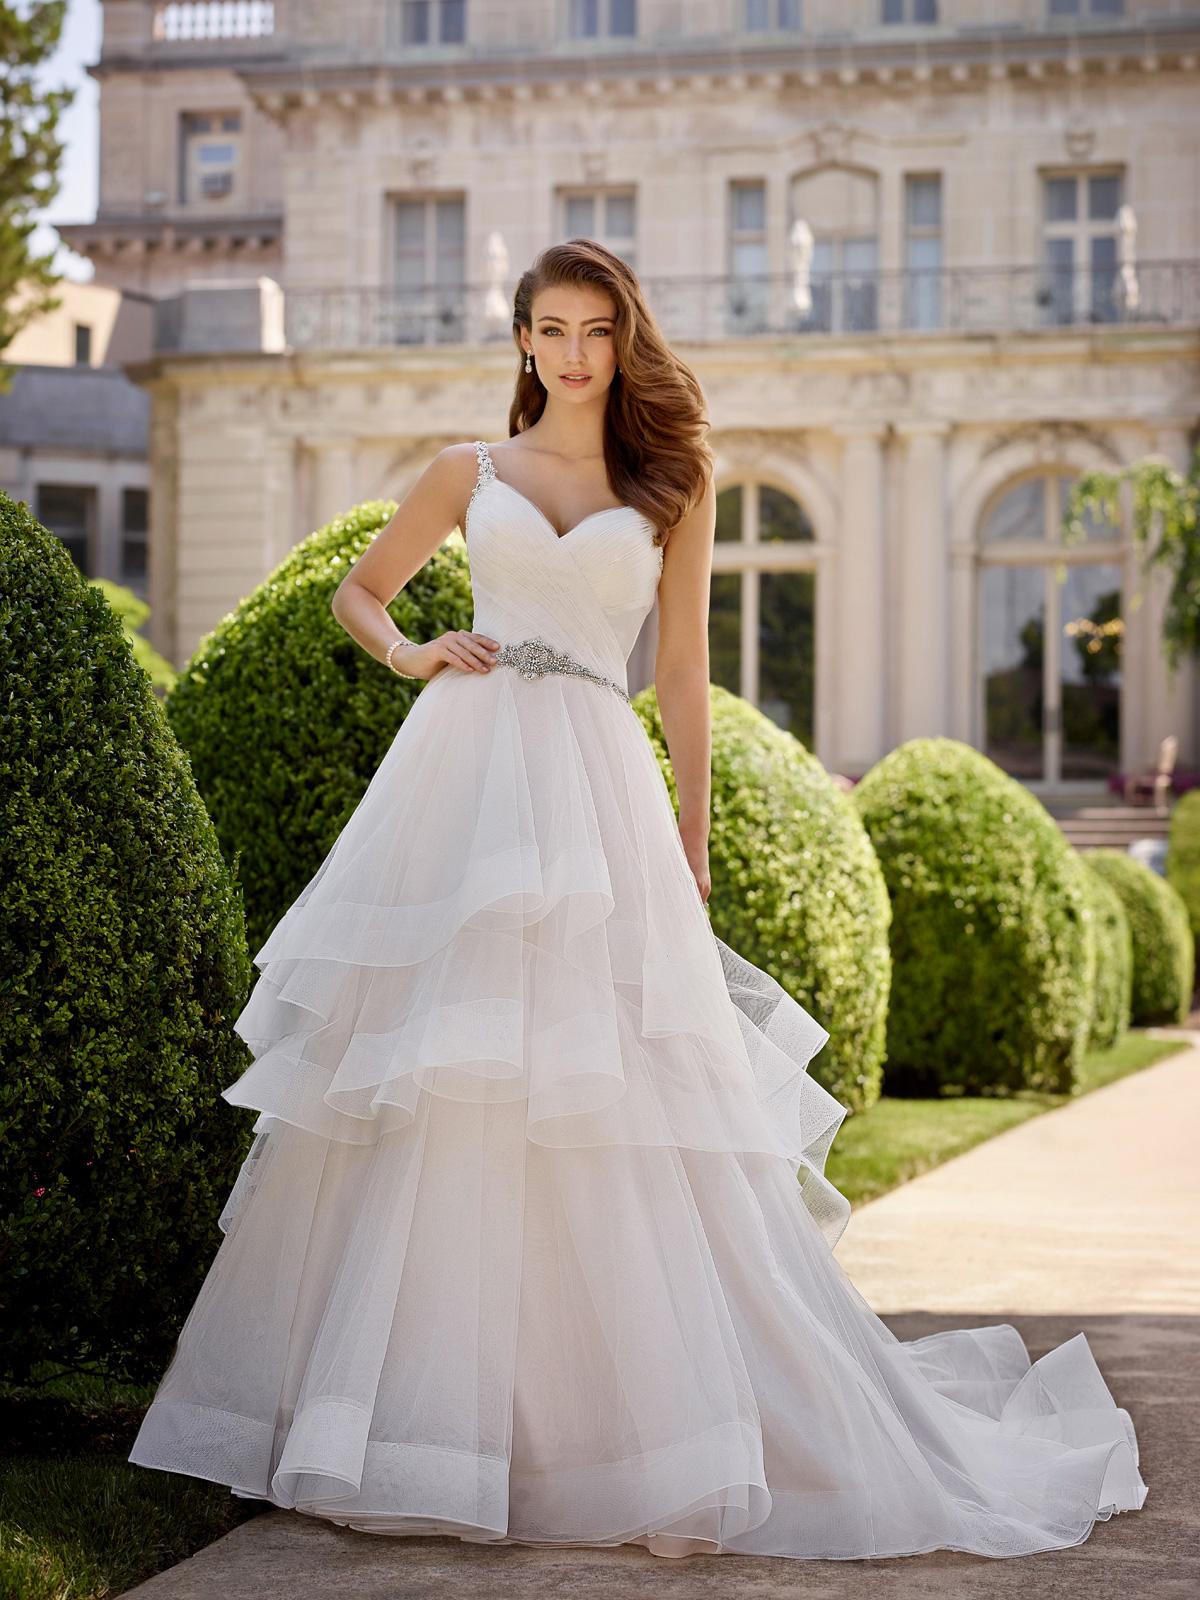 Vestido de Noivaimpressionante com corpo acinturado todo drapeado, alçase cinto em pedras e cristais, saia evasê confeccionada em camadas de tule francês.